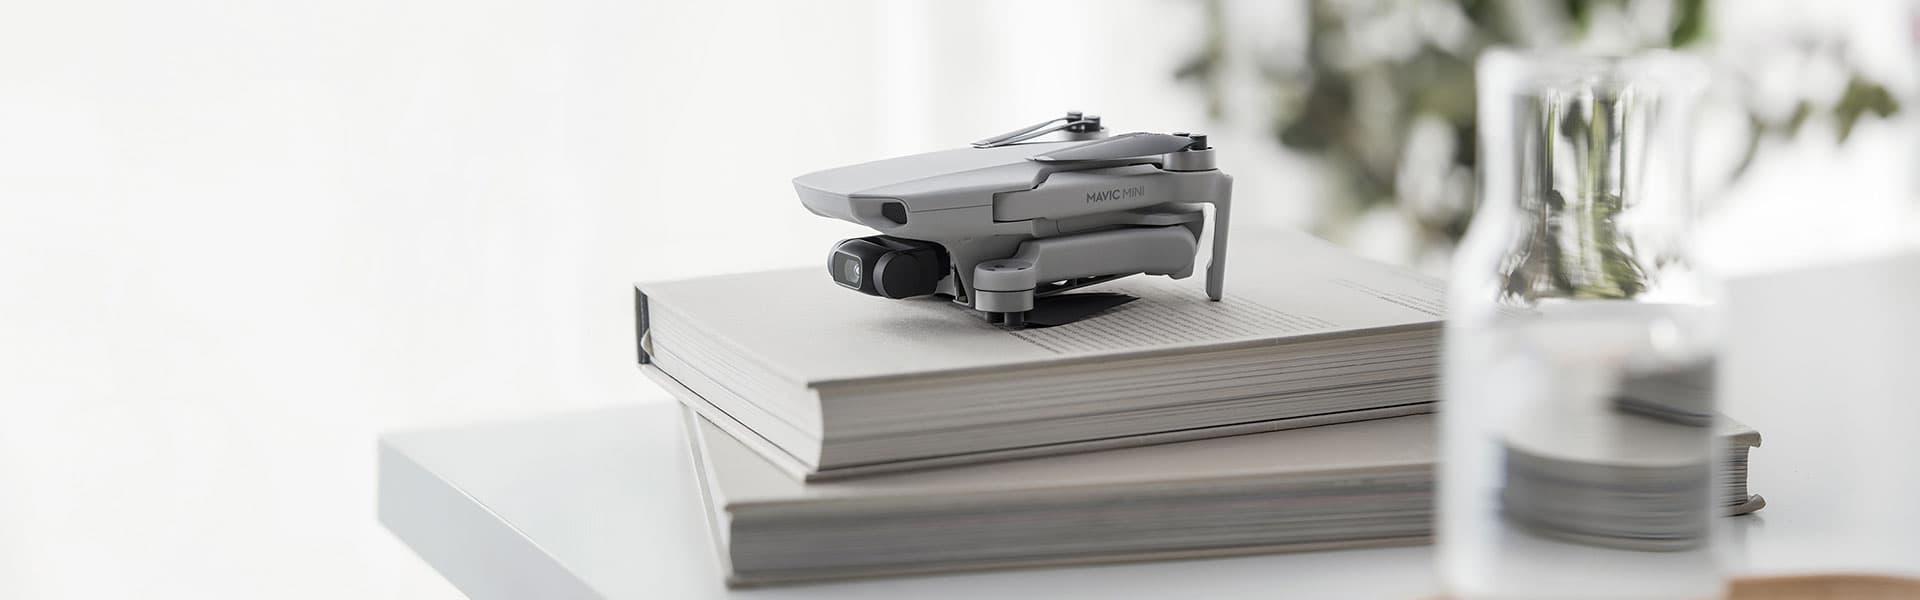 top-filmagens-drone